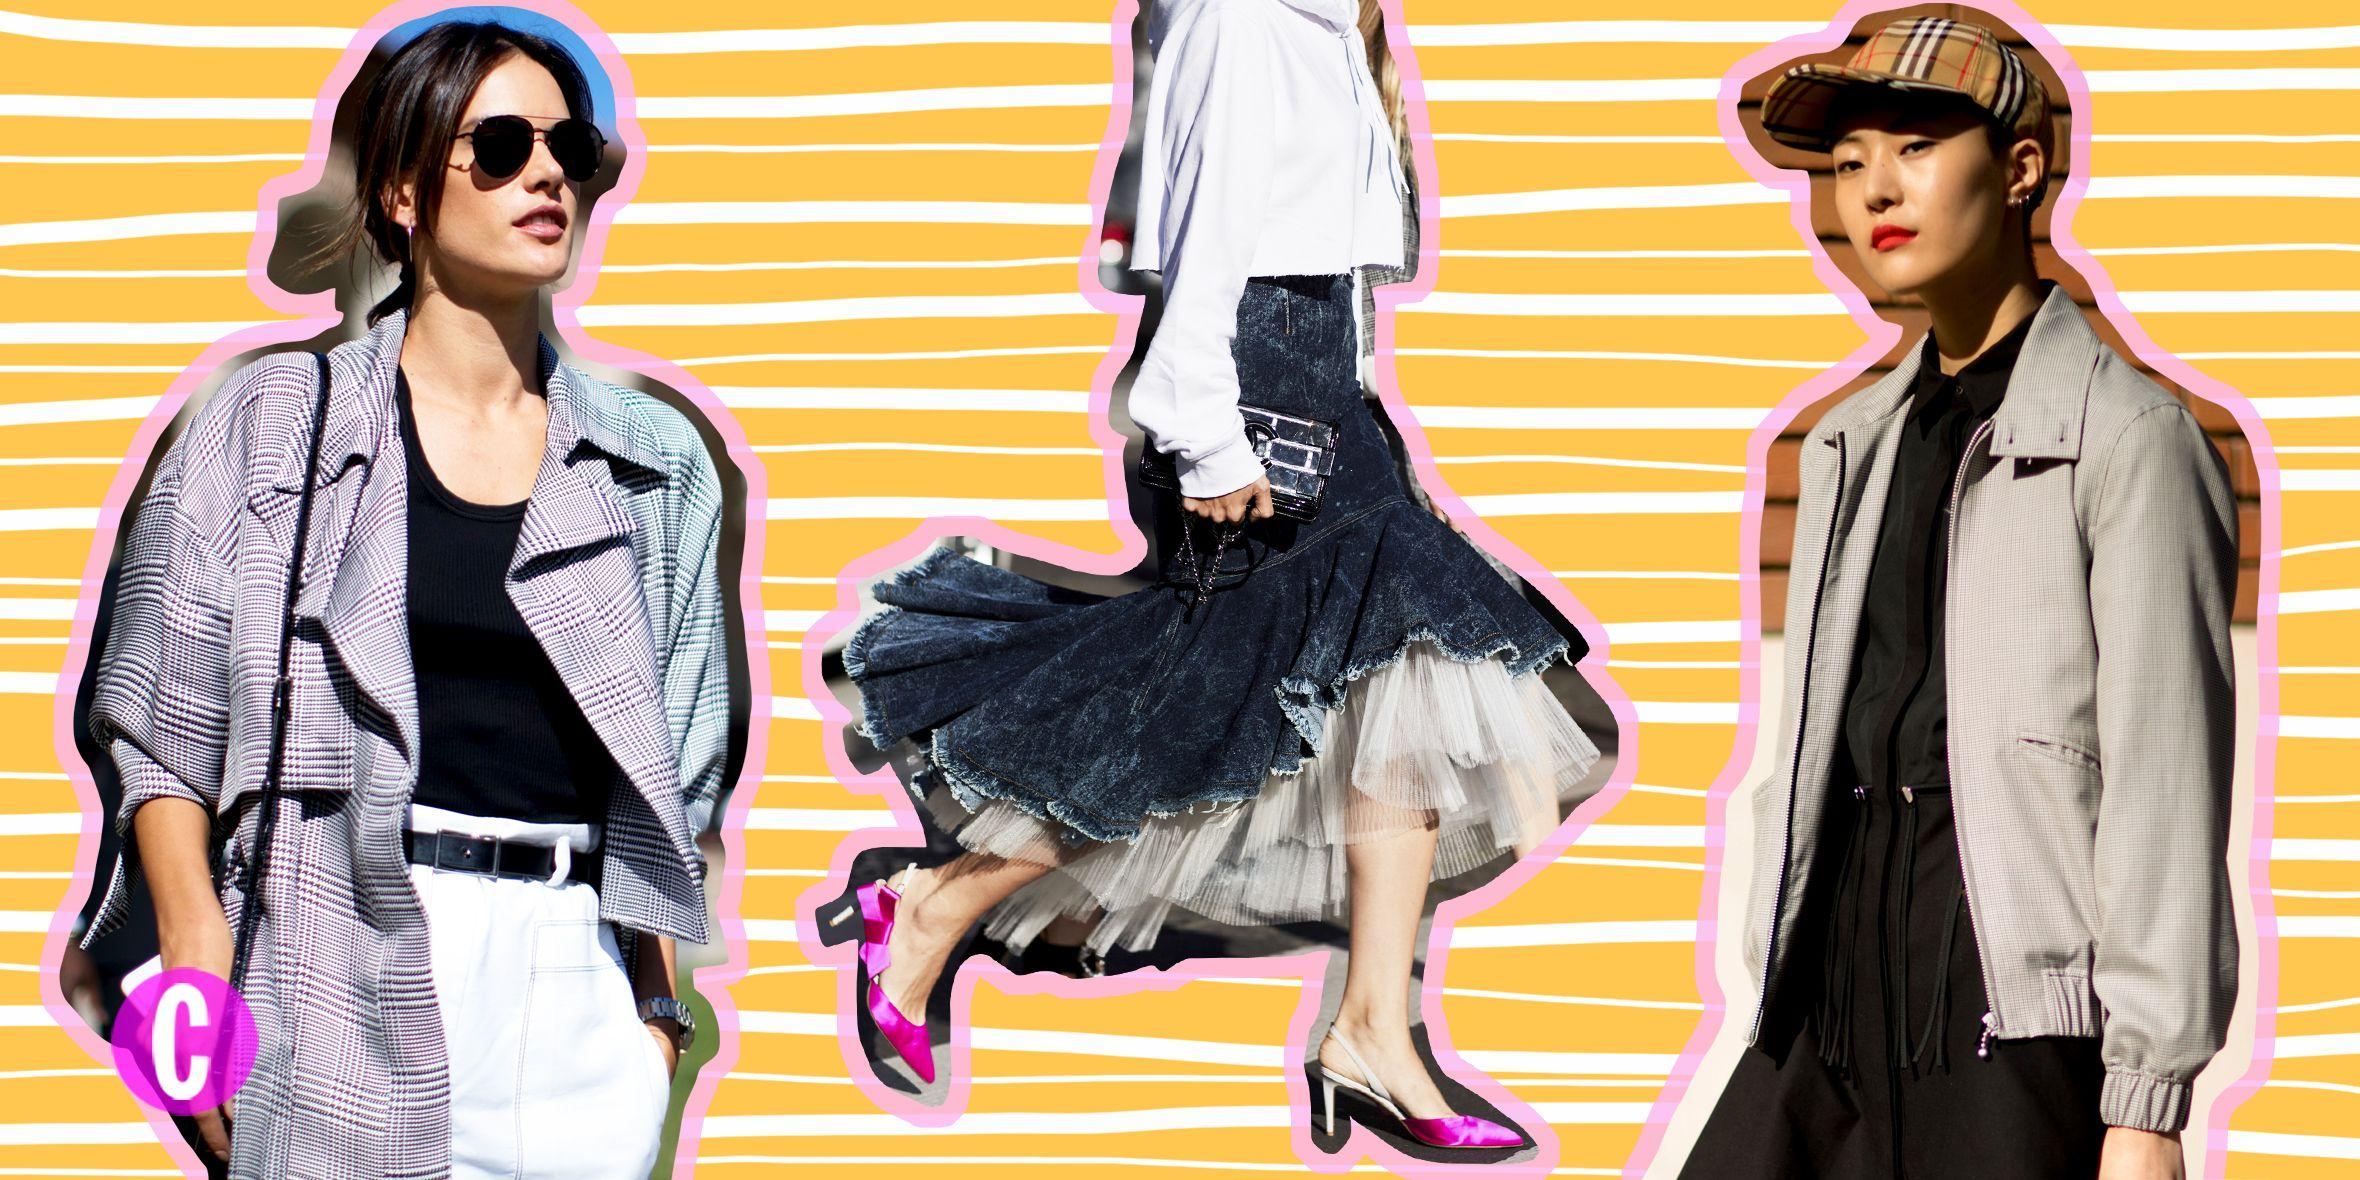 Moda primavera estate 2018, scopri i trend e lasciati ispirare dalle immagini della gallery su quali saranno i look di tendenza per un outfit perfetto in ufficio, per il tempo libero o per una serata speciale.